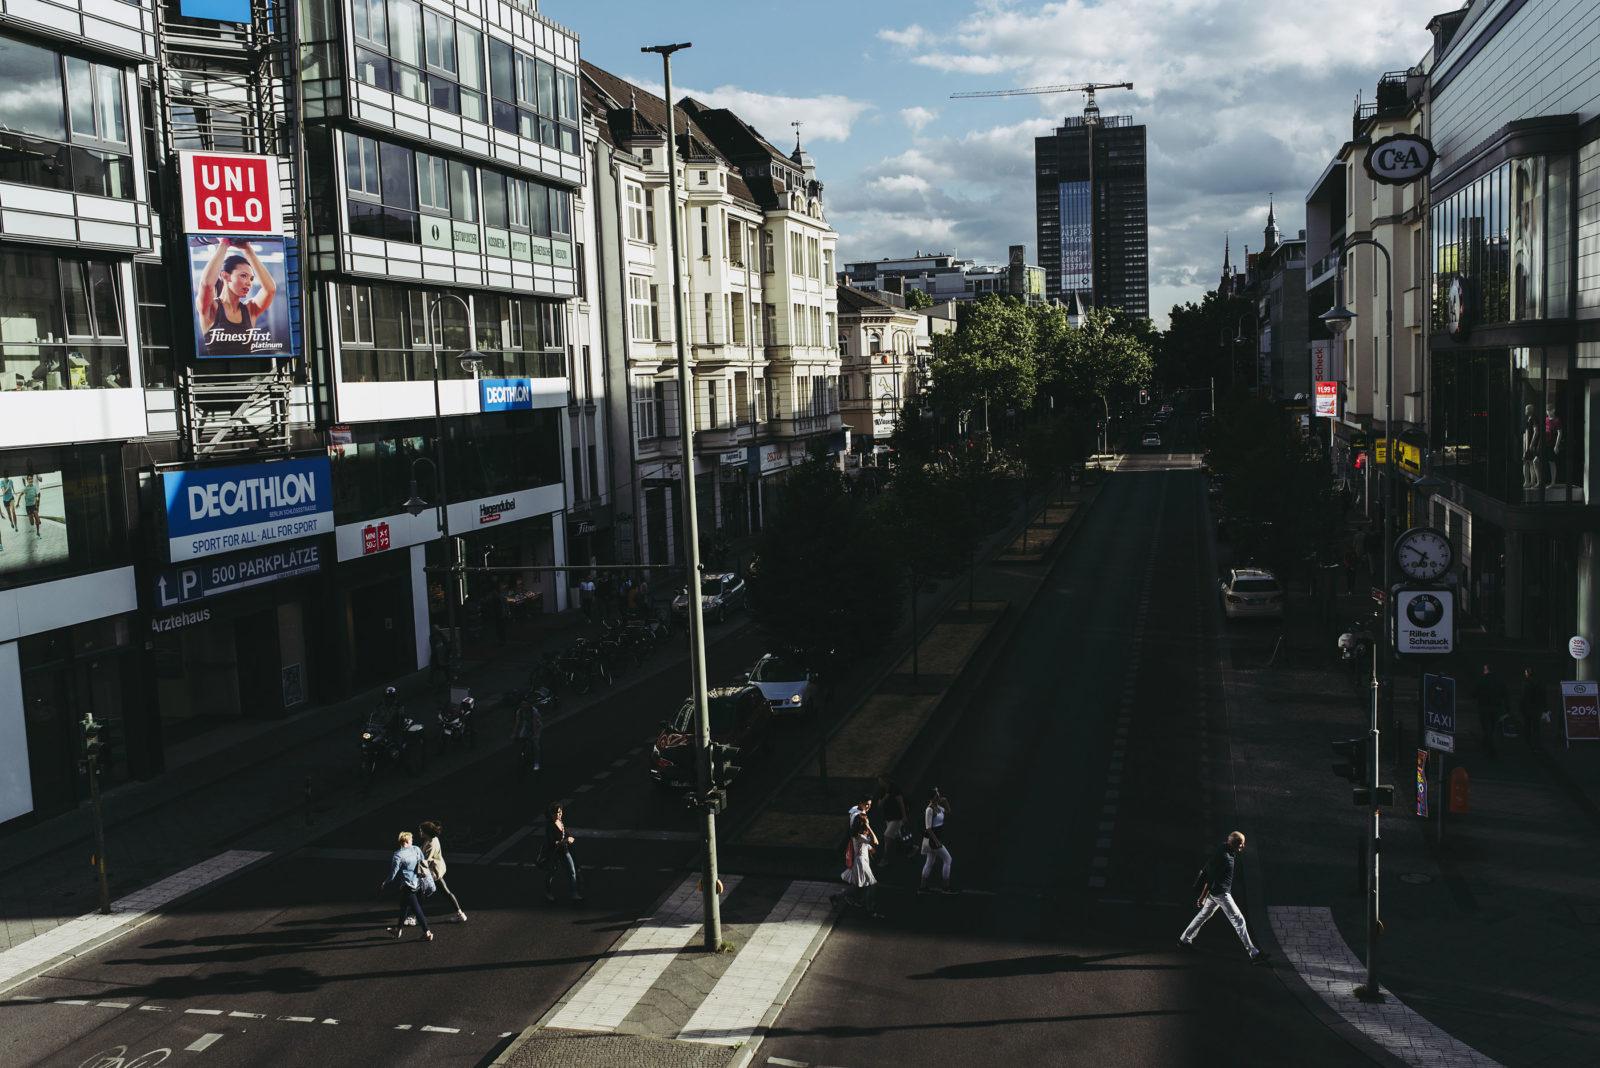 Zahn und Zieger unterwegs in Steglitz | Foto: René Zieger | GROSS∆RTIG